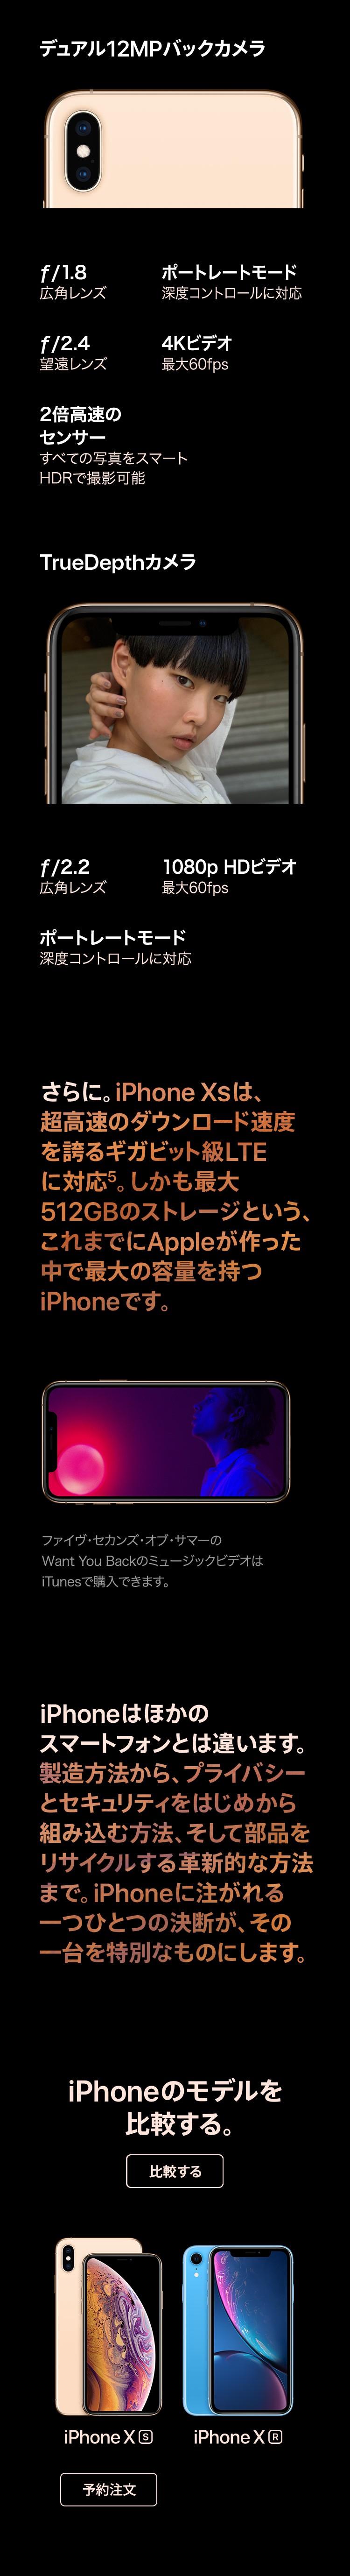 iPhoneのモデルを比較する。